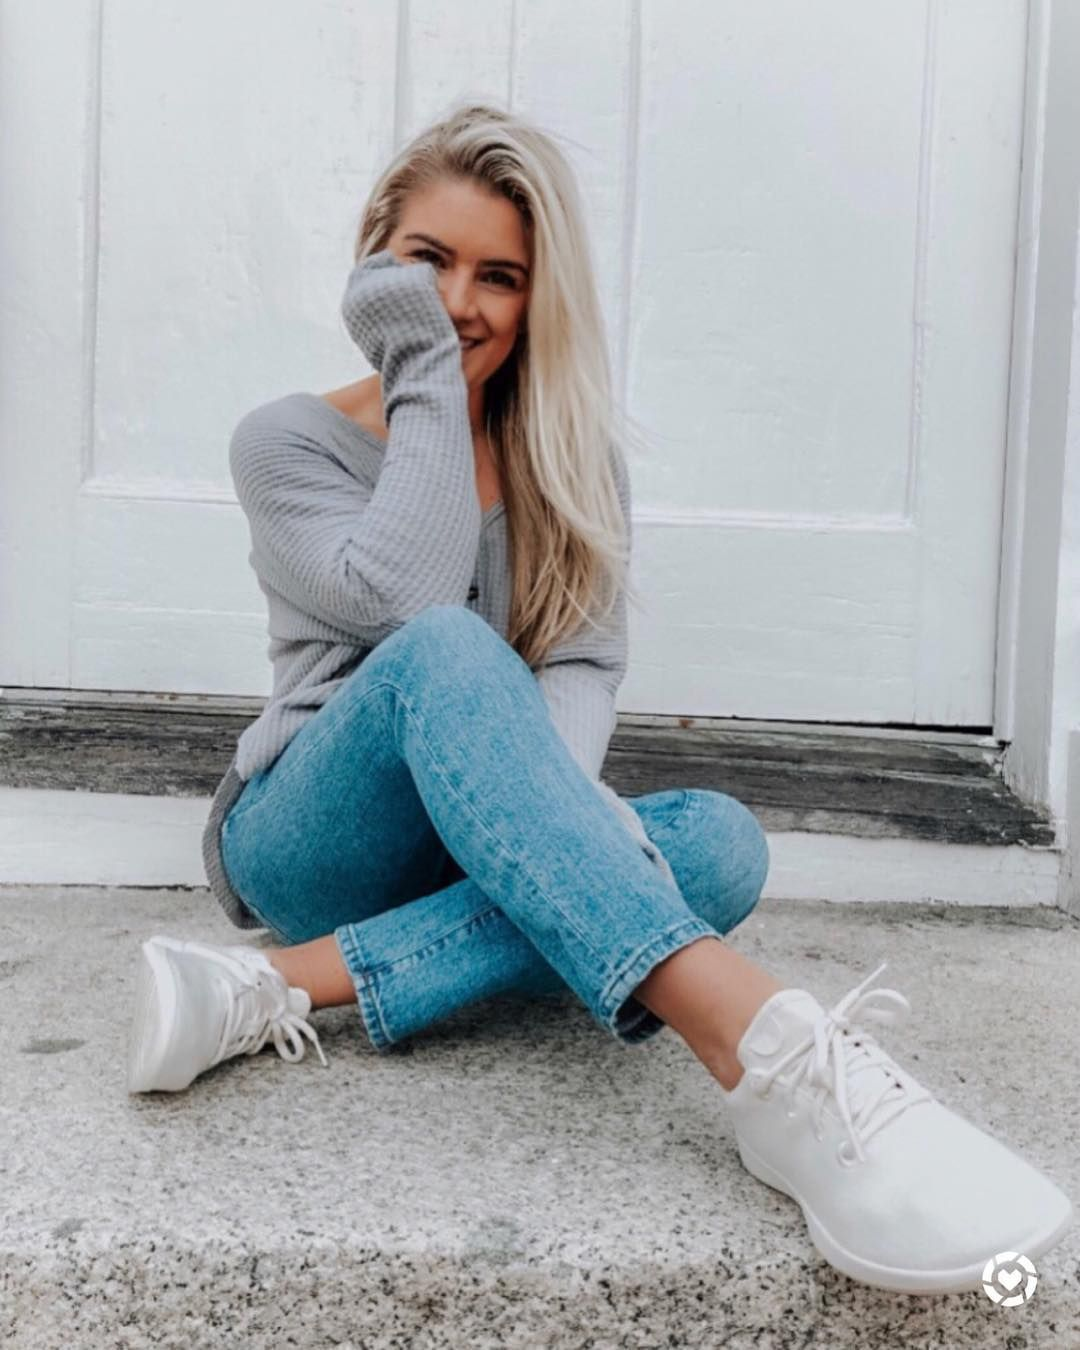 Cute girl poses